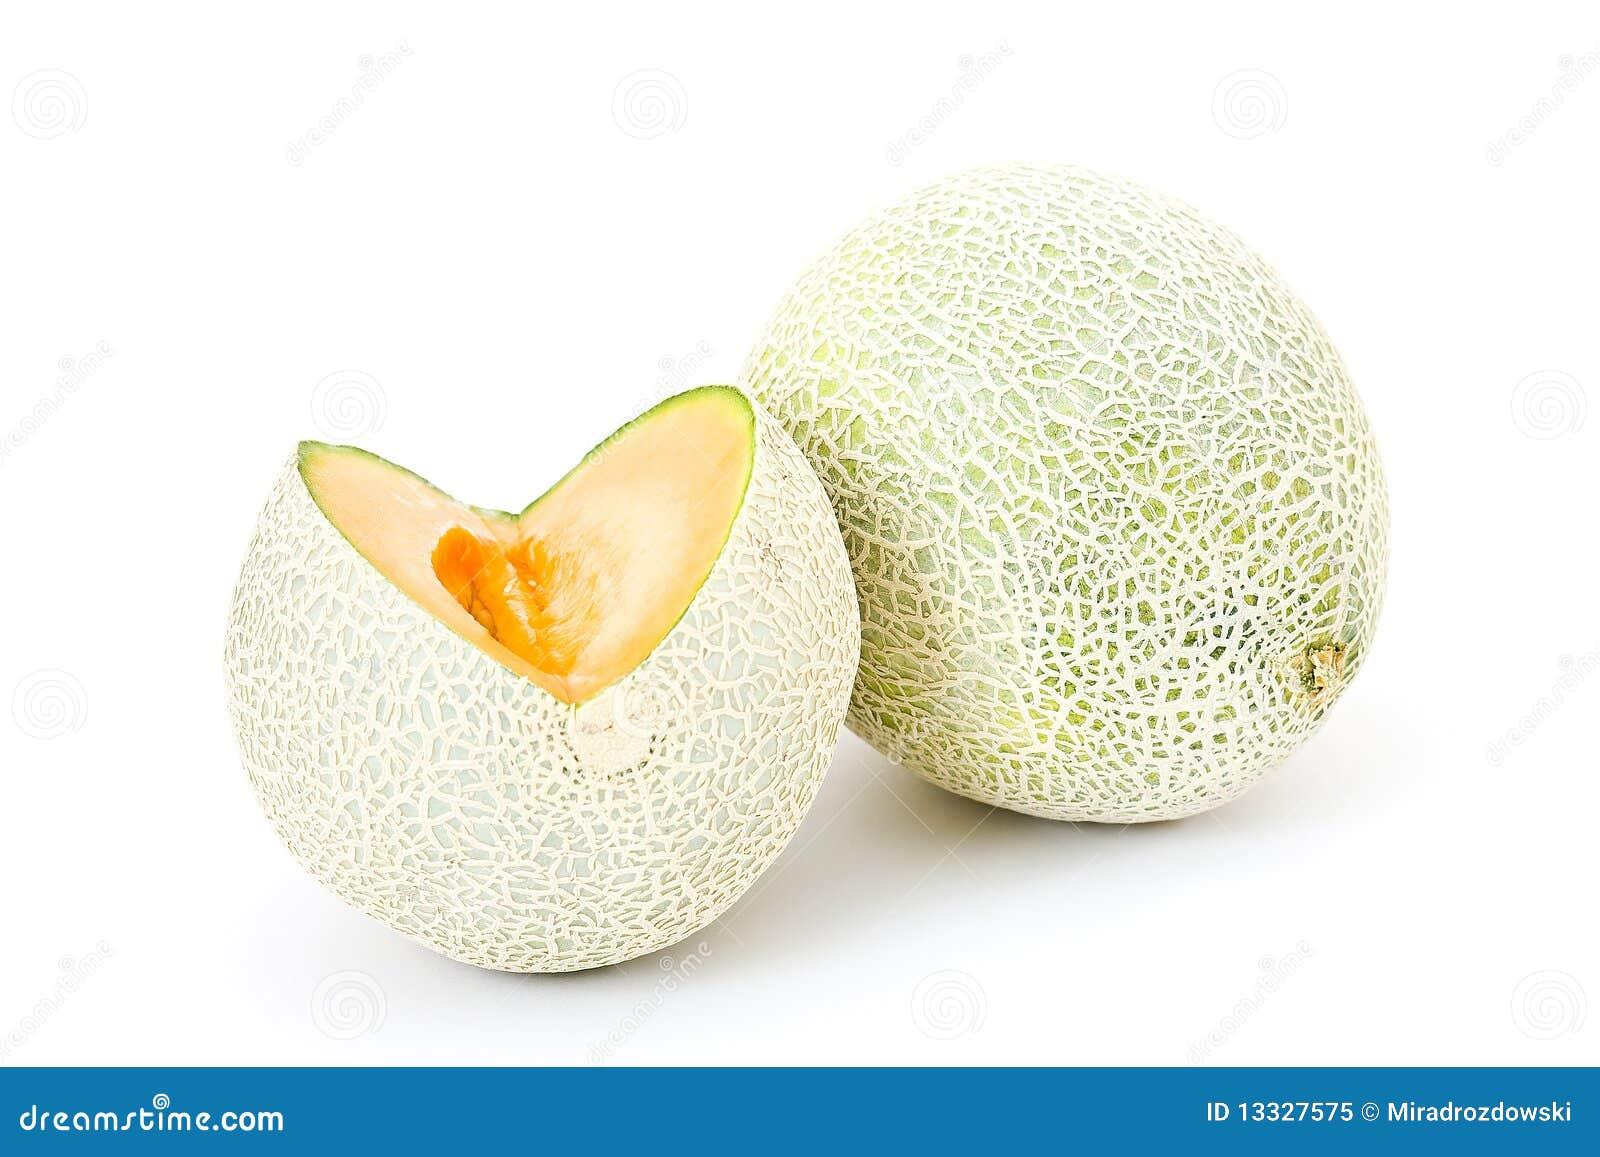 Kantalupa melonu pomarańcze